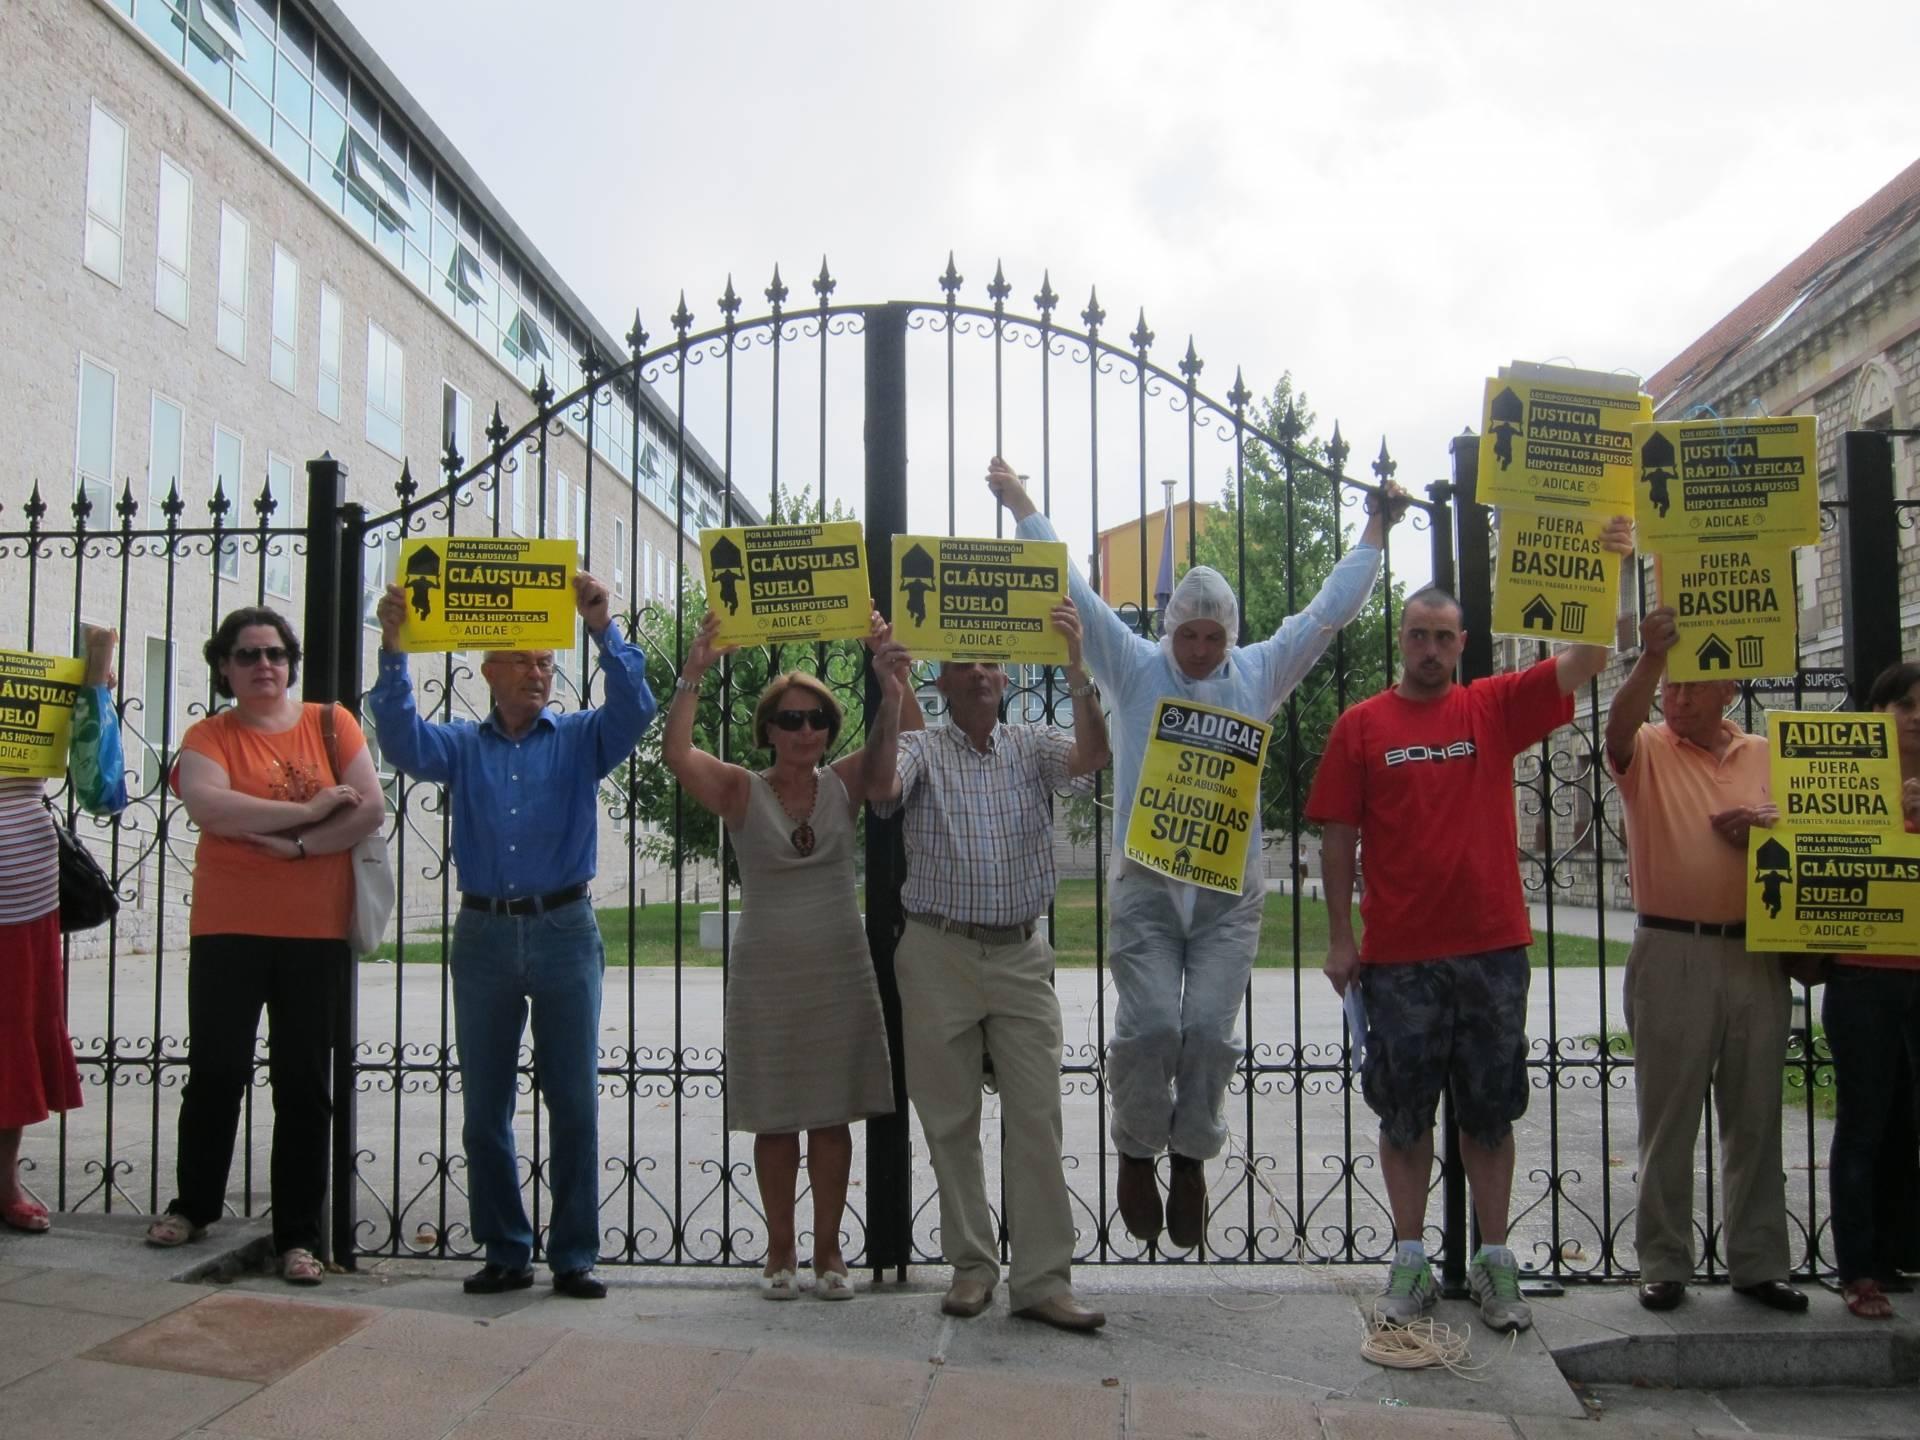 Protesta contra las clausulas suelo